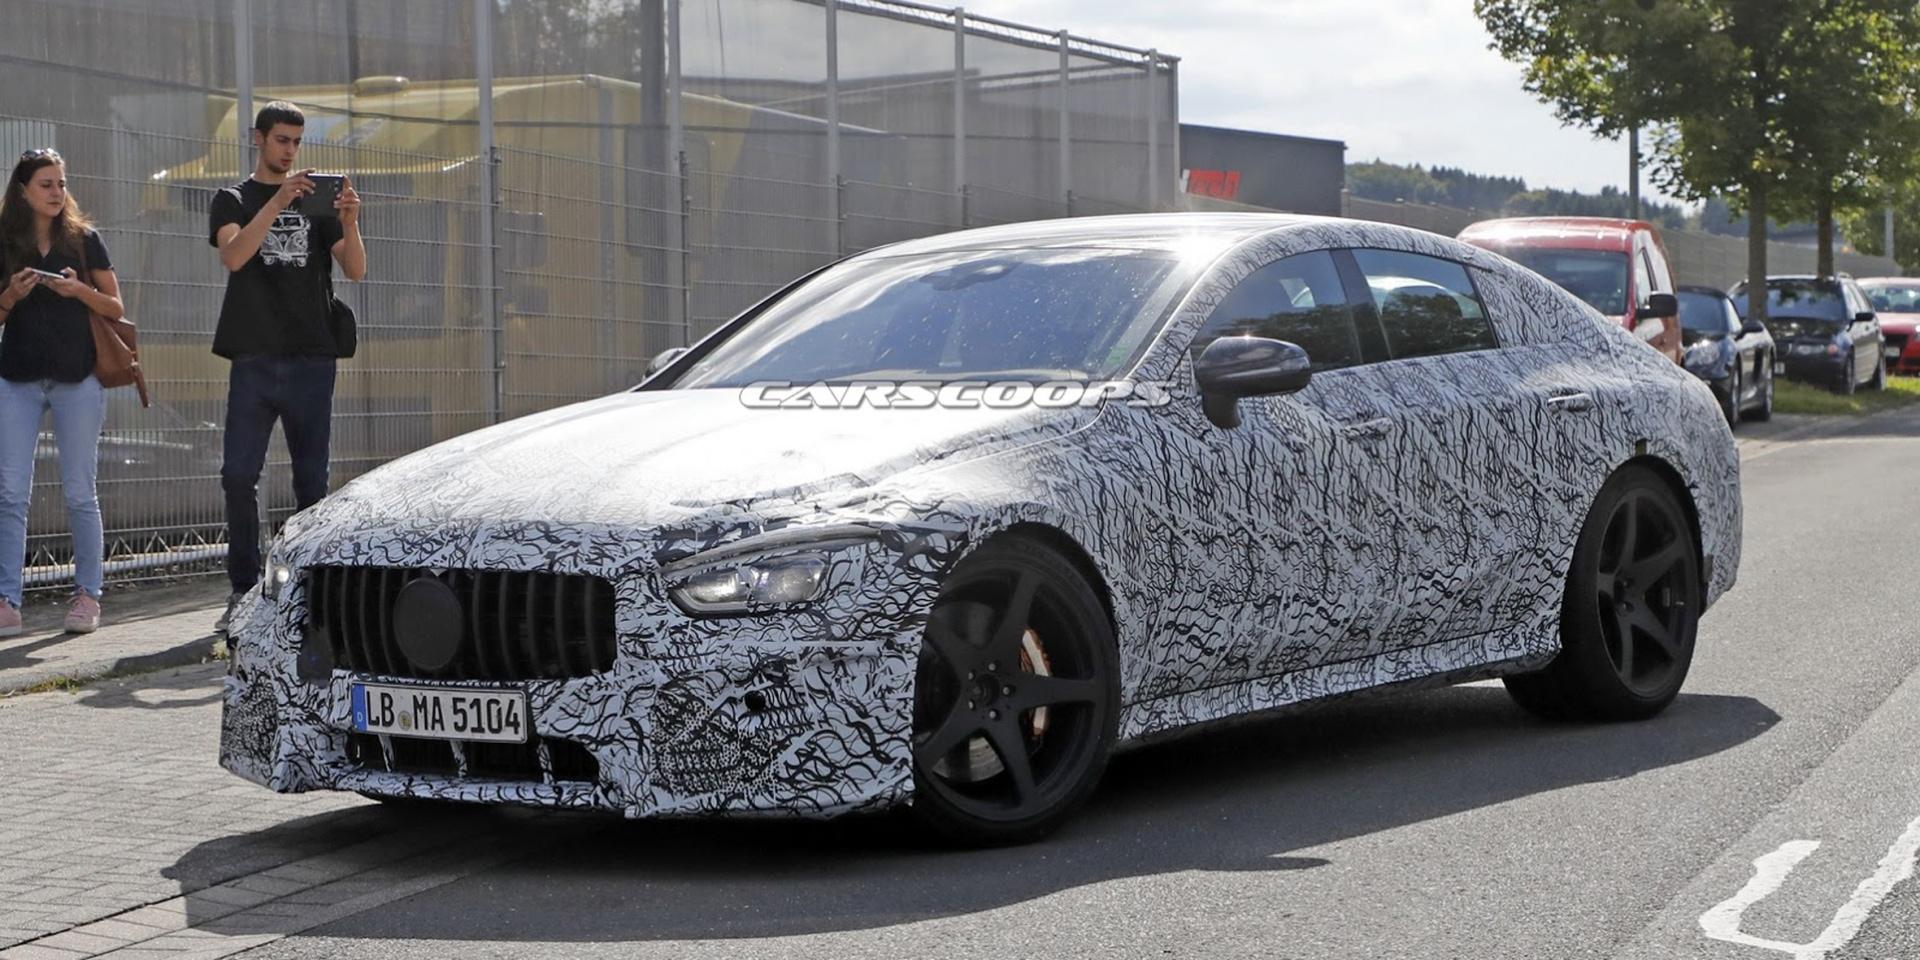 四門超跑爭戰四起,Mercedes-AMG GT4偽裝照捕捉 日內瓦車展亮相